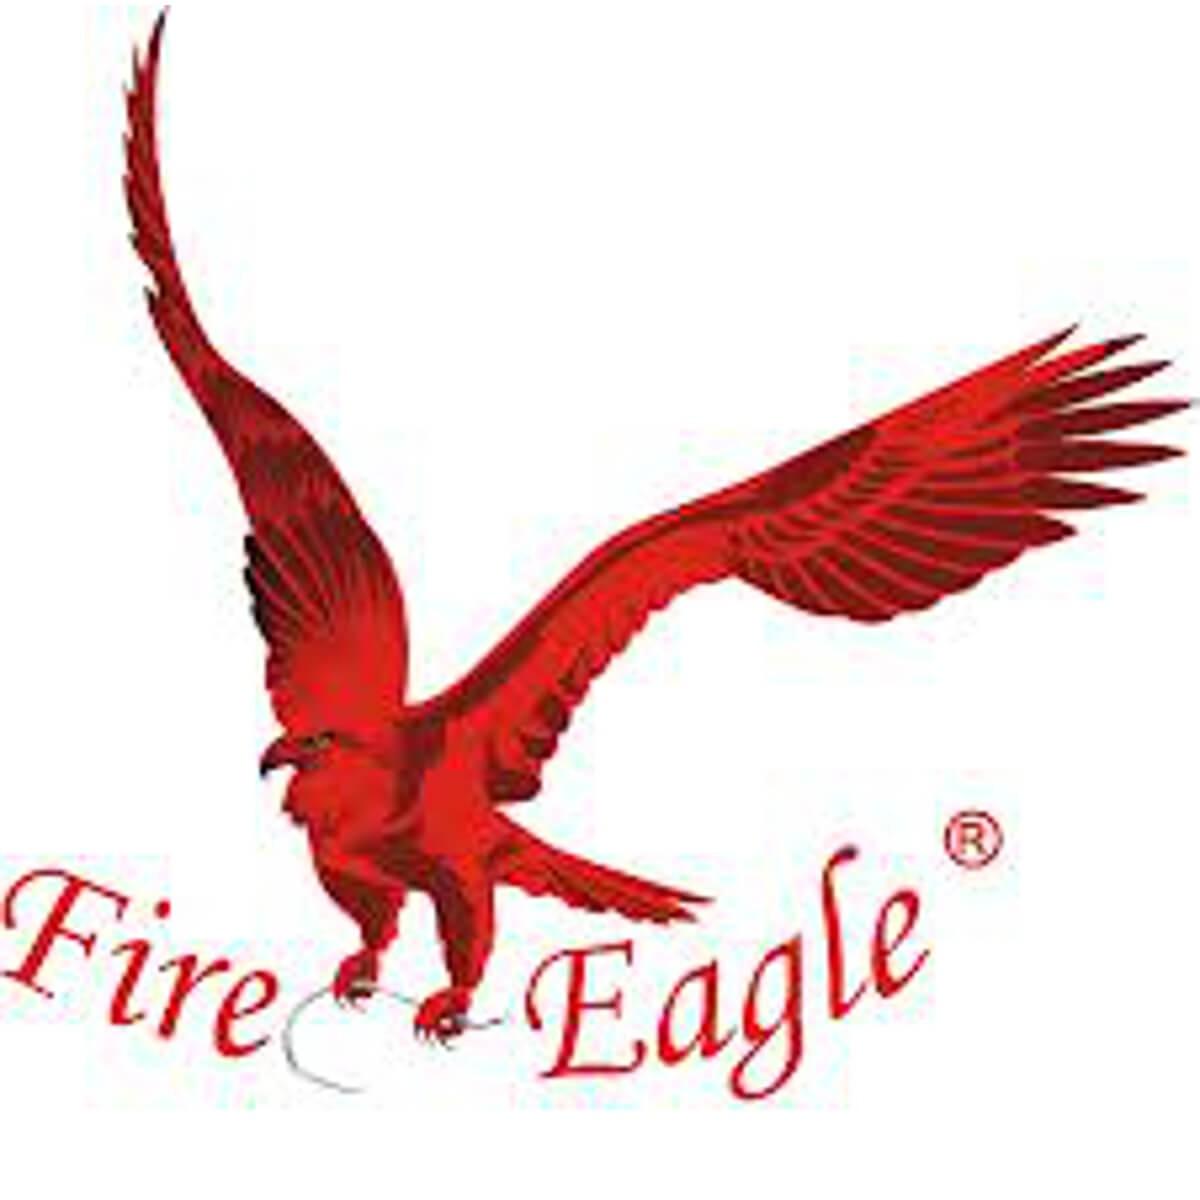 FIRE EAGLE